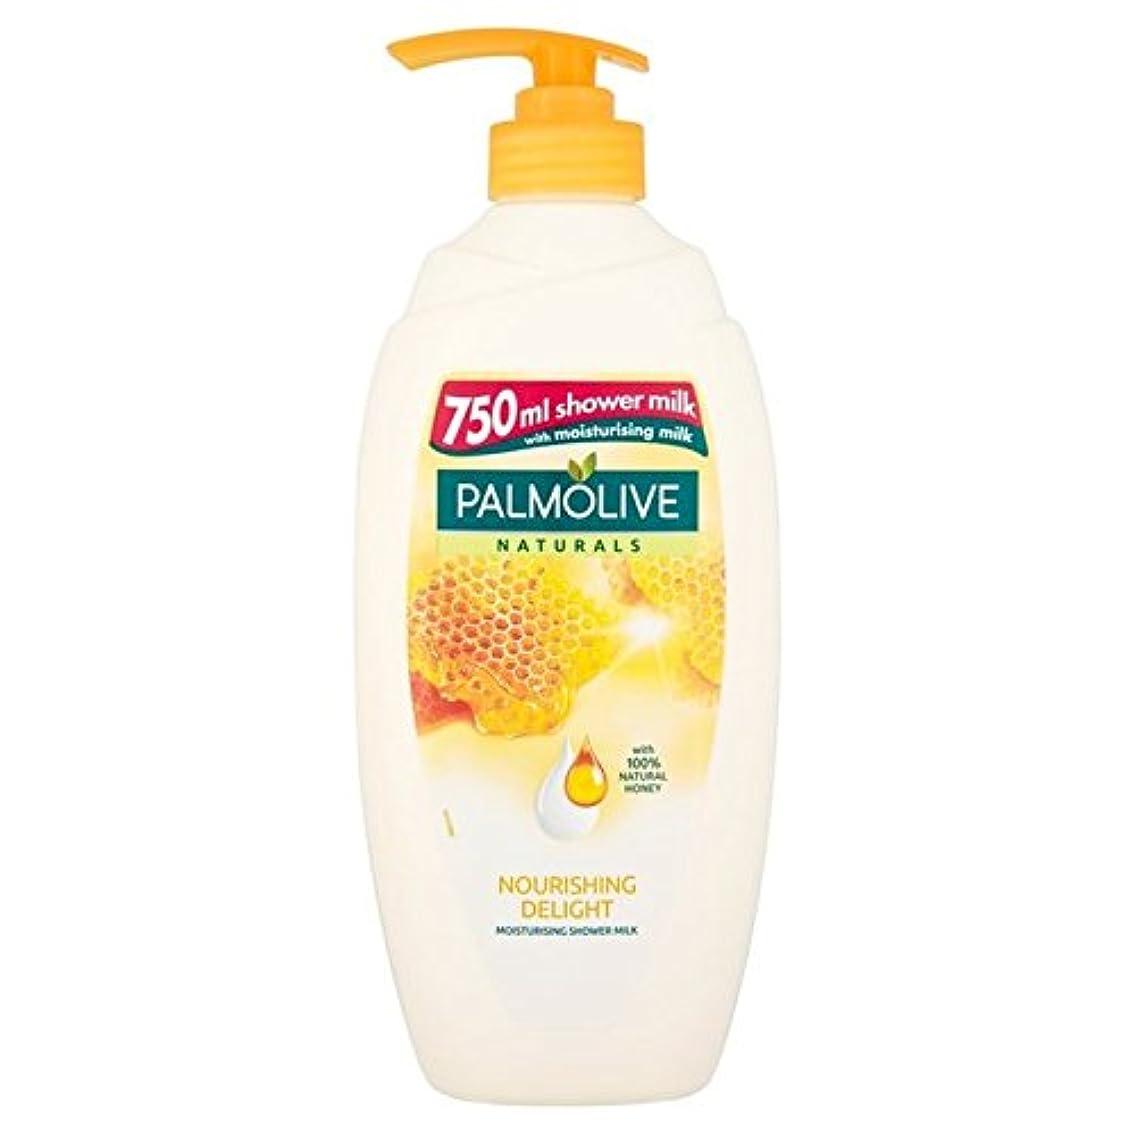 ヘッドレス記事はちみつPalmolive Naturals Nourishing Shower Naturals Milk with Honey 750ml - 蜂蜜の750ミリリットルとシャワーナチュラルミルク栄養パルモライブナチュラル [...